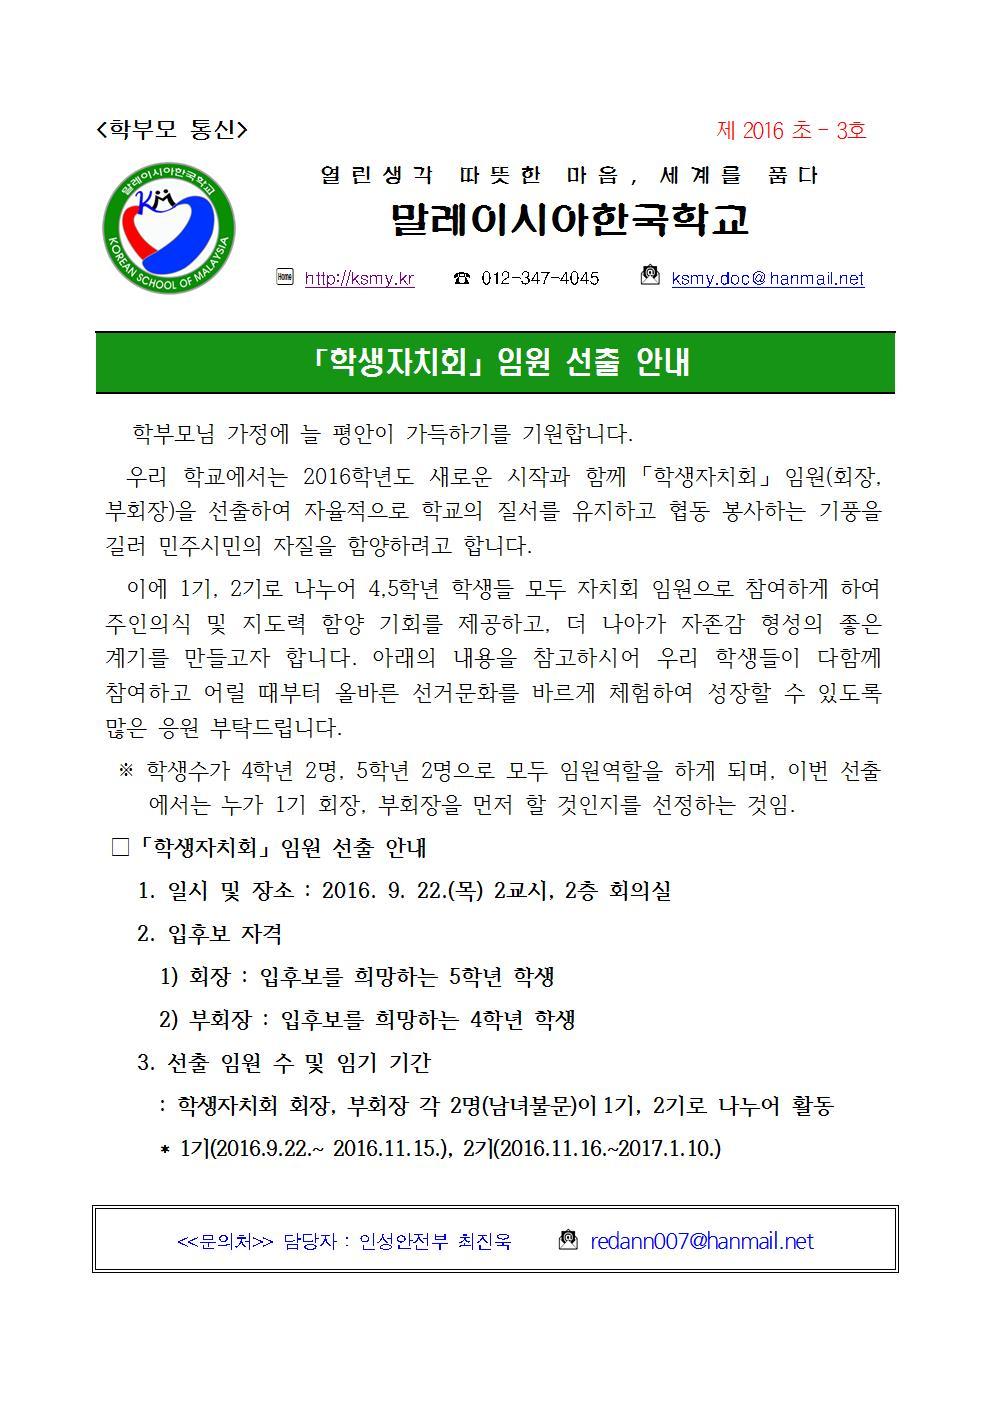 제2016 초-3호 가정통신문001.jpg